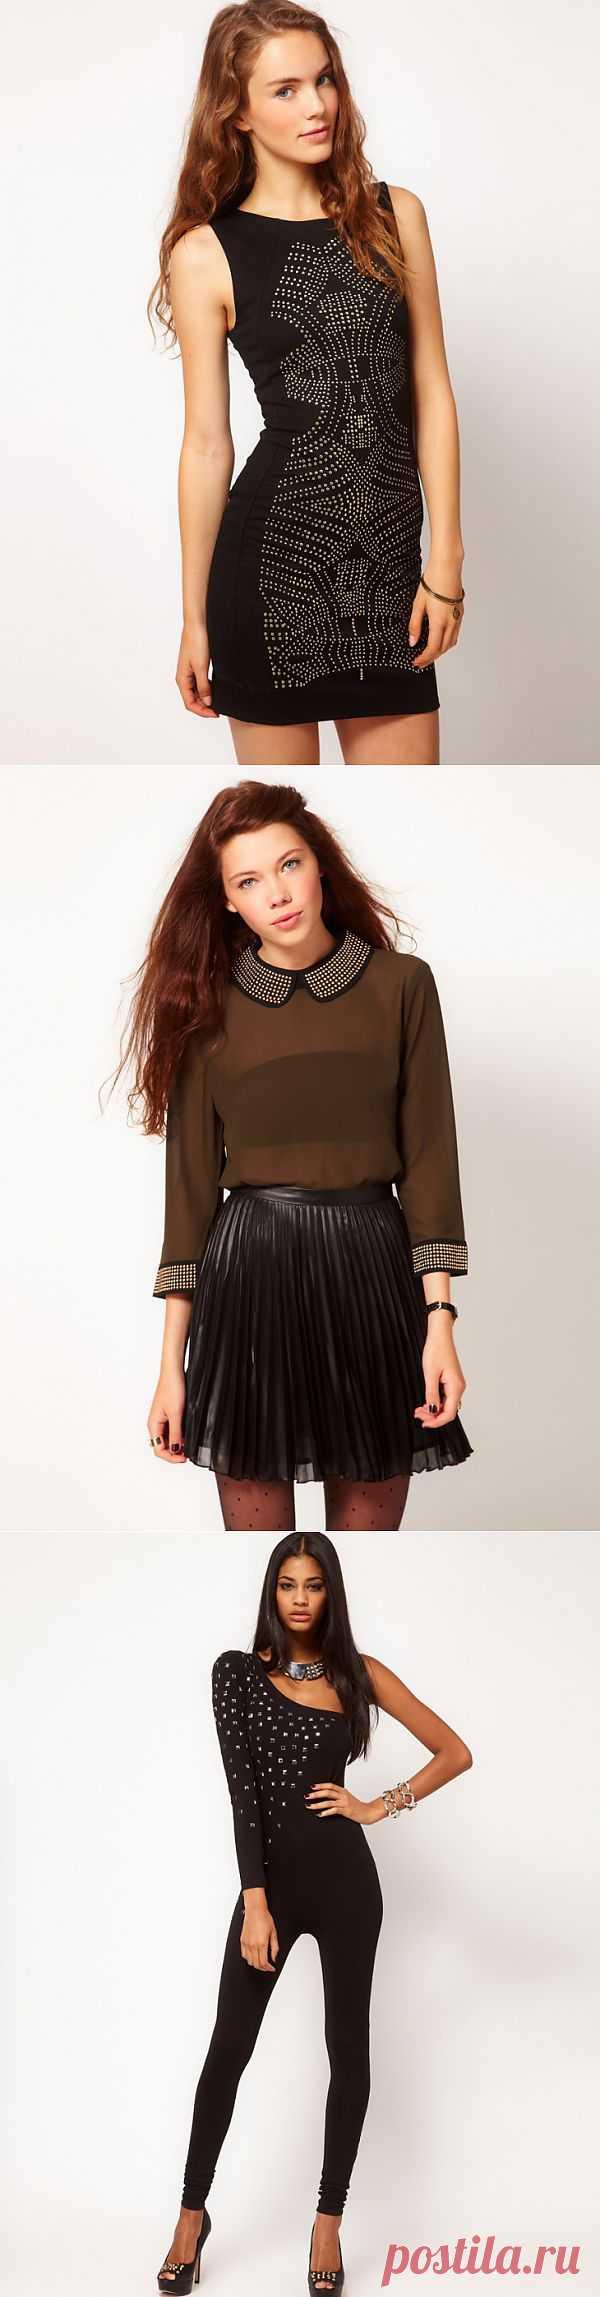 Клепаный ASOS и TOPSHOP (трафик, подборка) / Декор / Модный сайт о стильной переделке одежды и интерьера